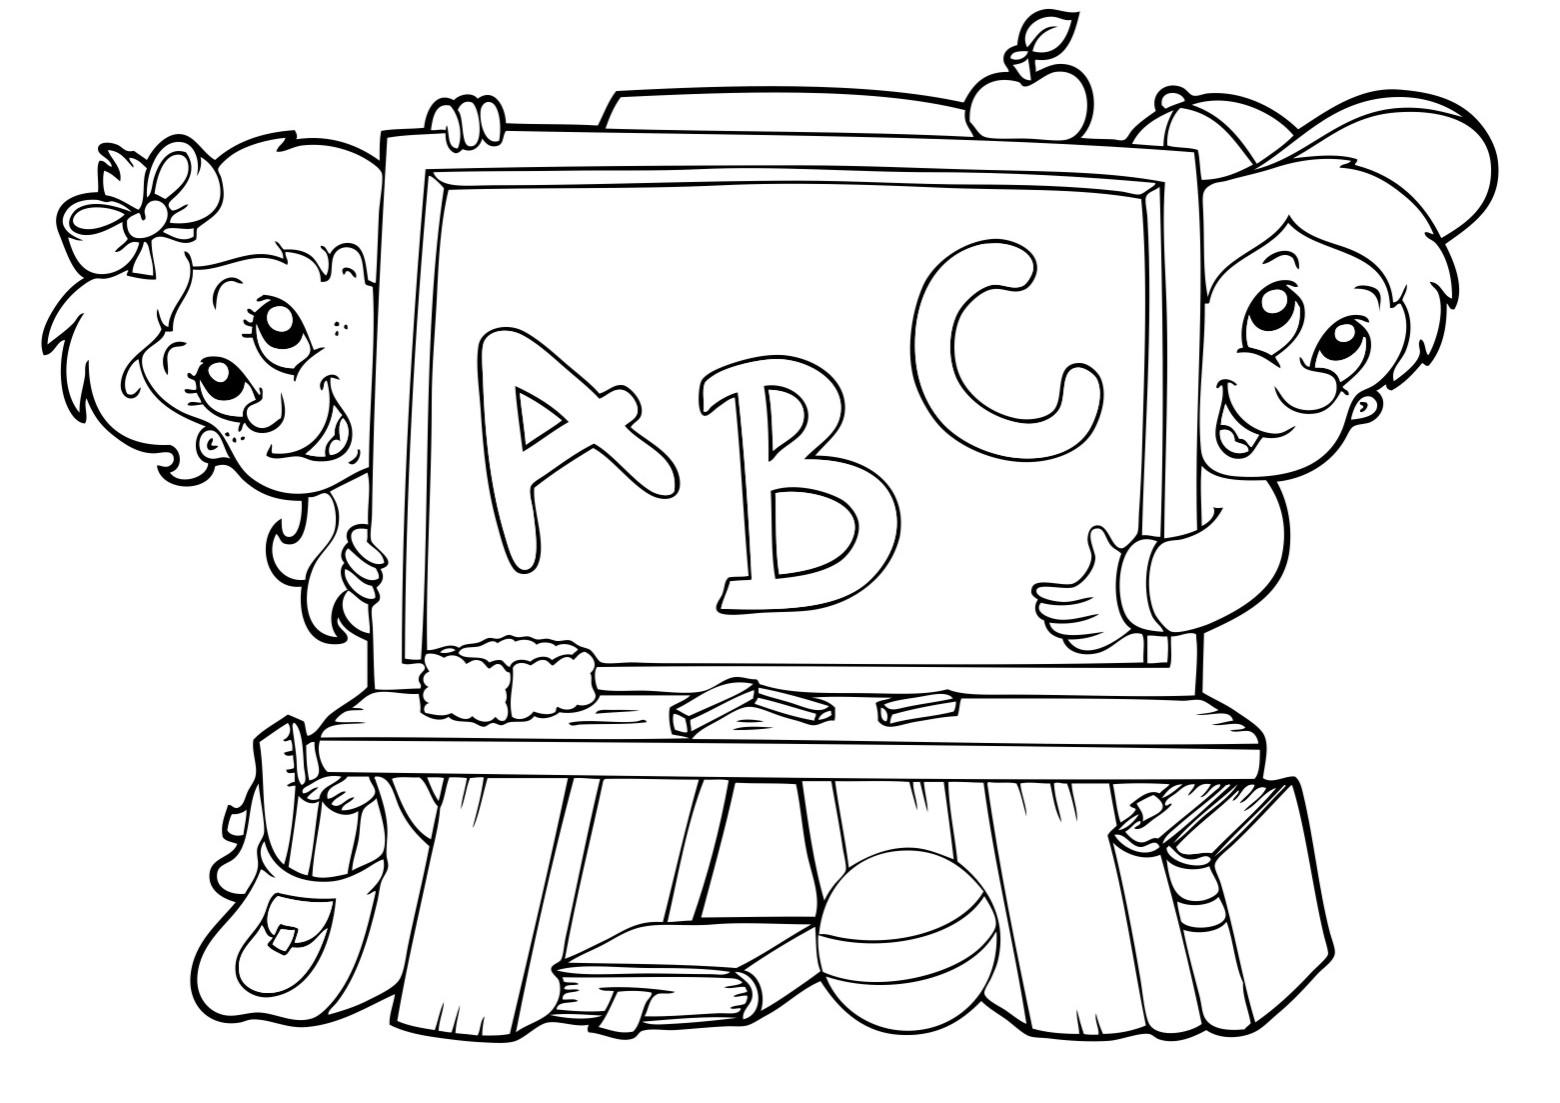 Dibujos Ideia Criativa: Desenho de Volta às aulas para colorir